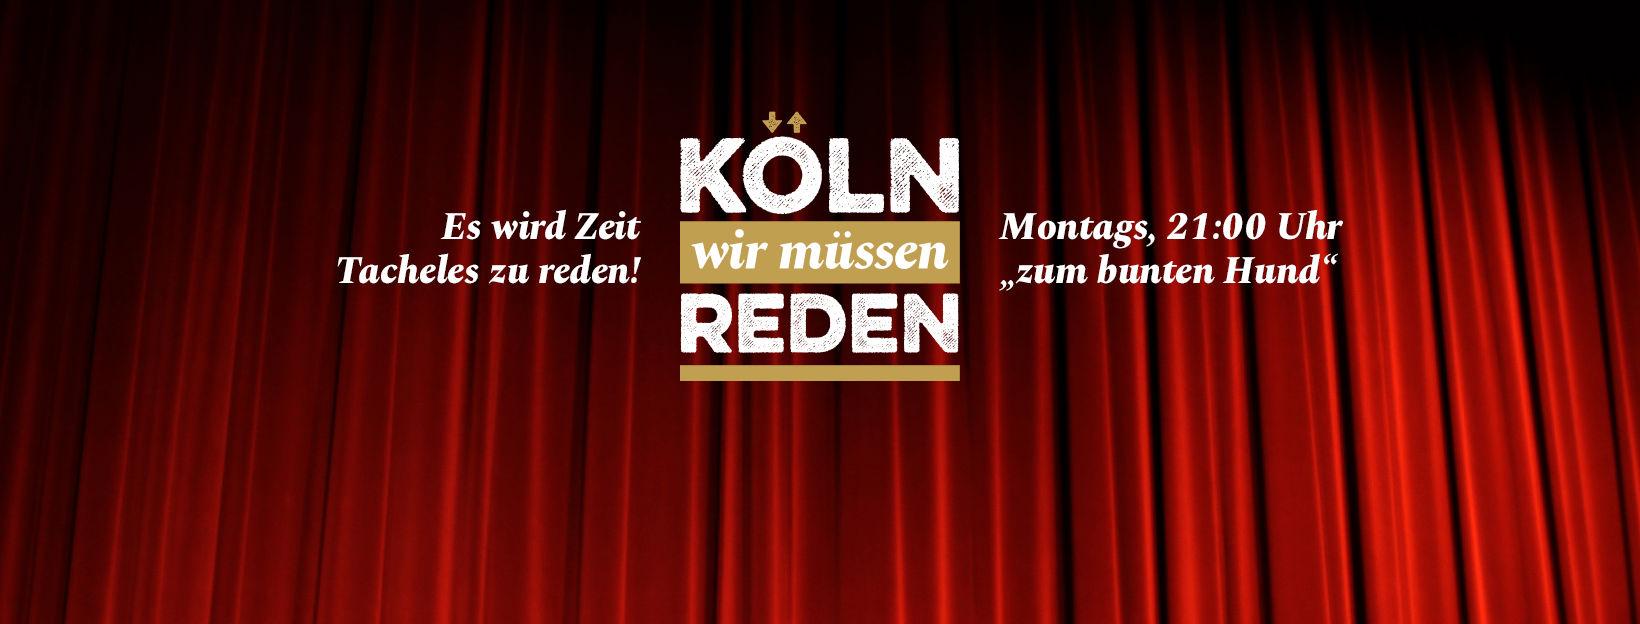 Es geht wieder los: Köln, wir müssen reden!